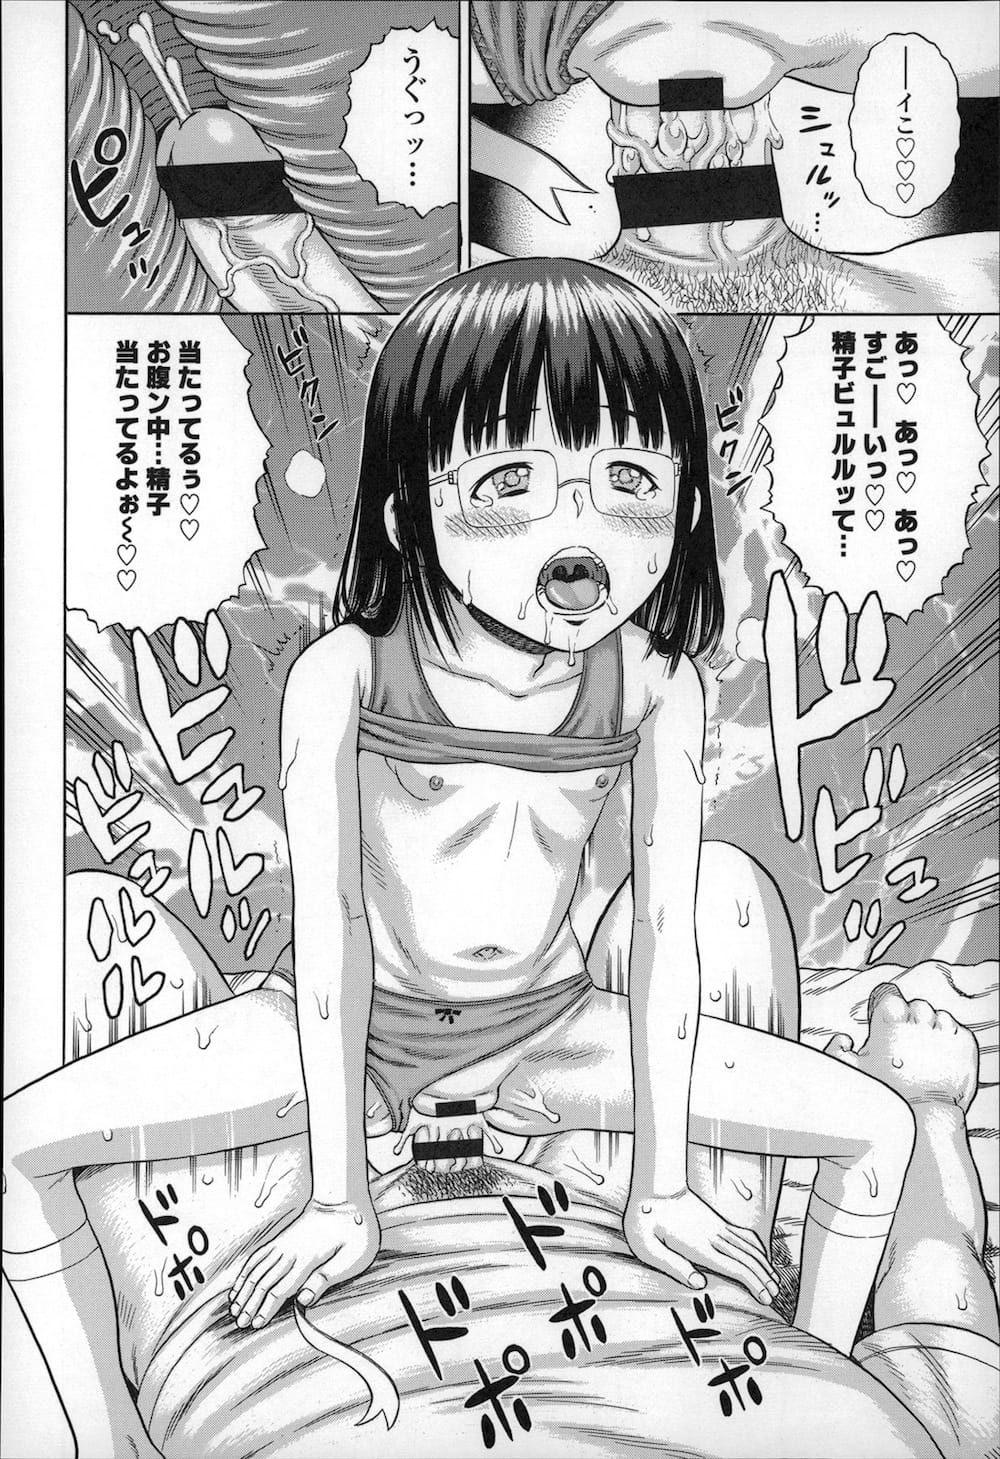 【エロ漫画】両親が不在の時におっとりしているメガネロリ妹とセックスしたら妹がSに目覚めてしまったwww